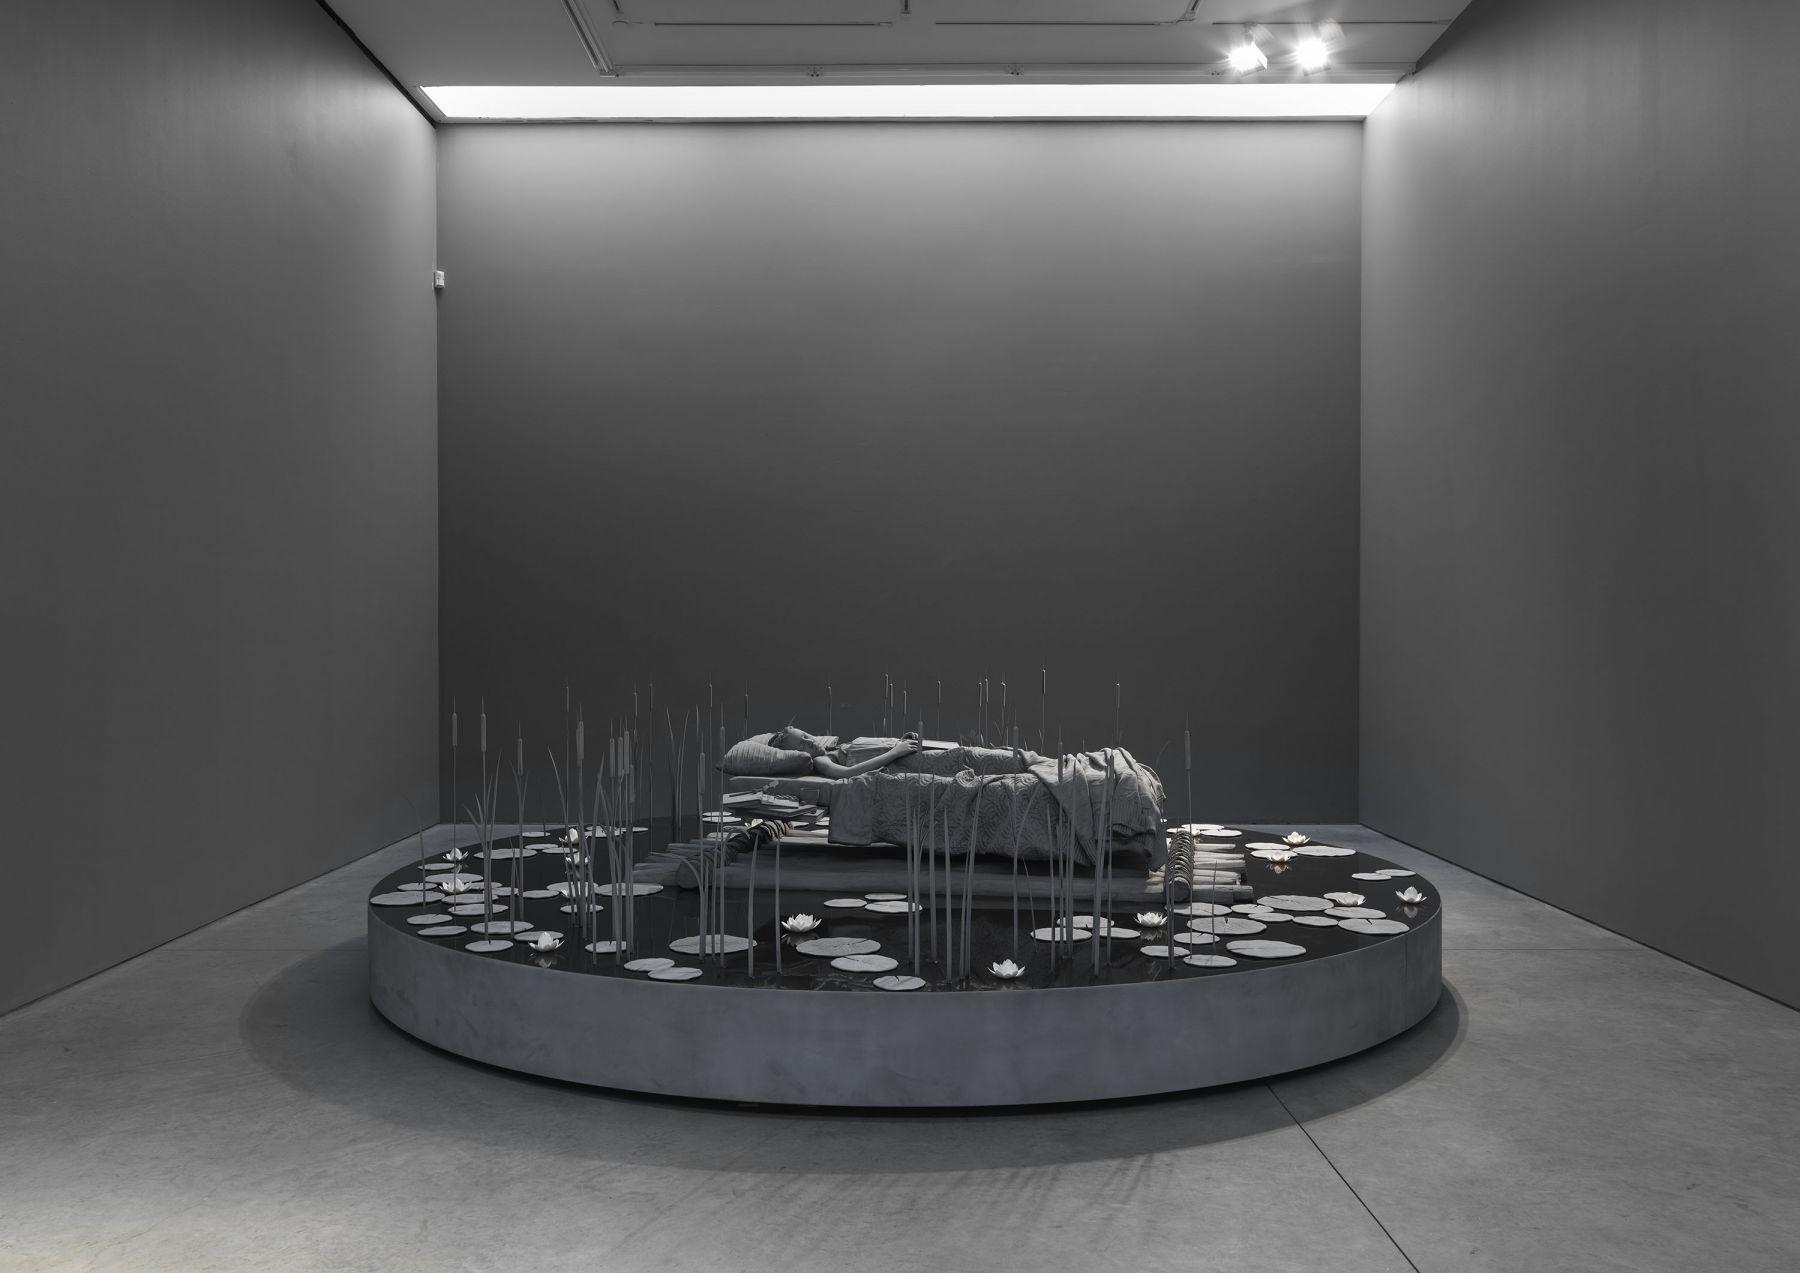 Hans Op de Beeck(Installation View), Boesky East, 2019